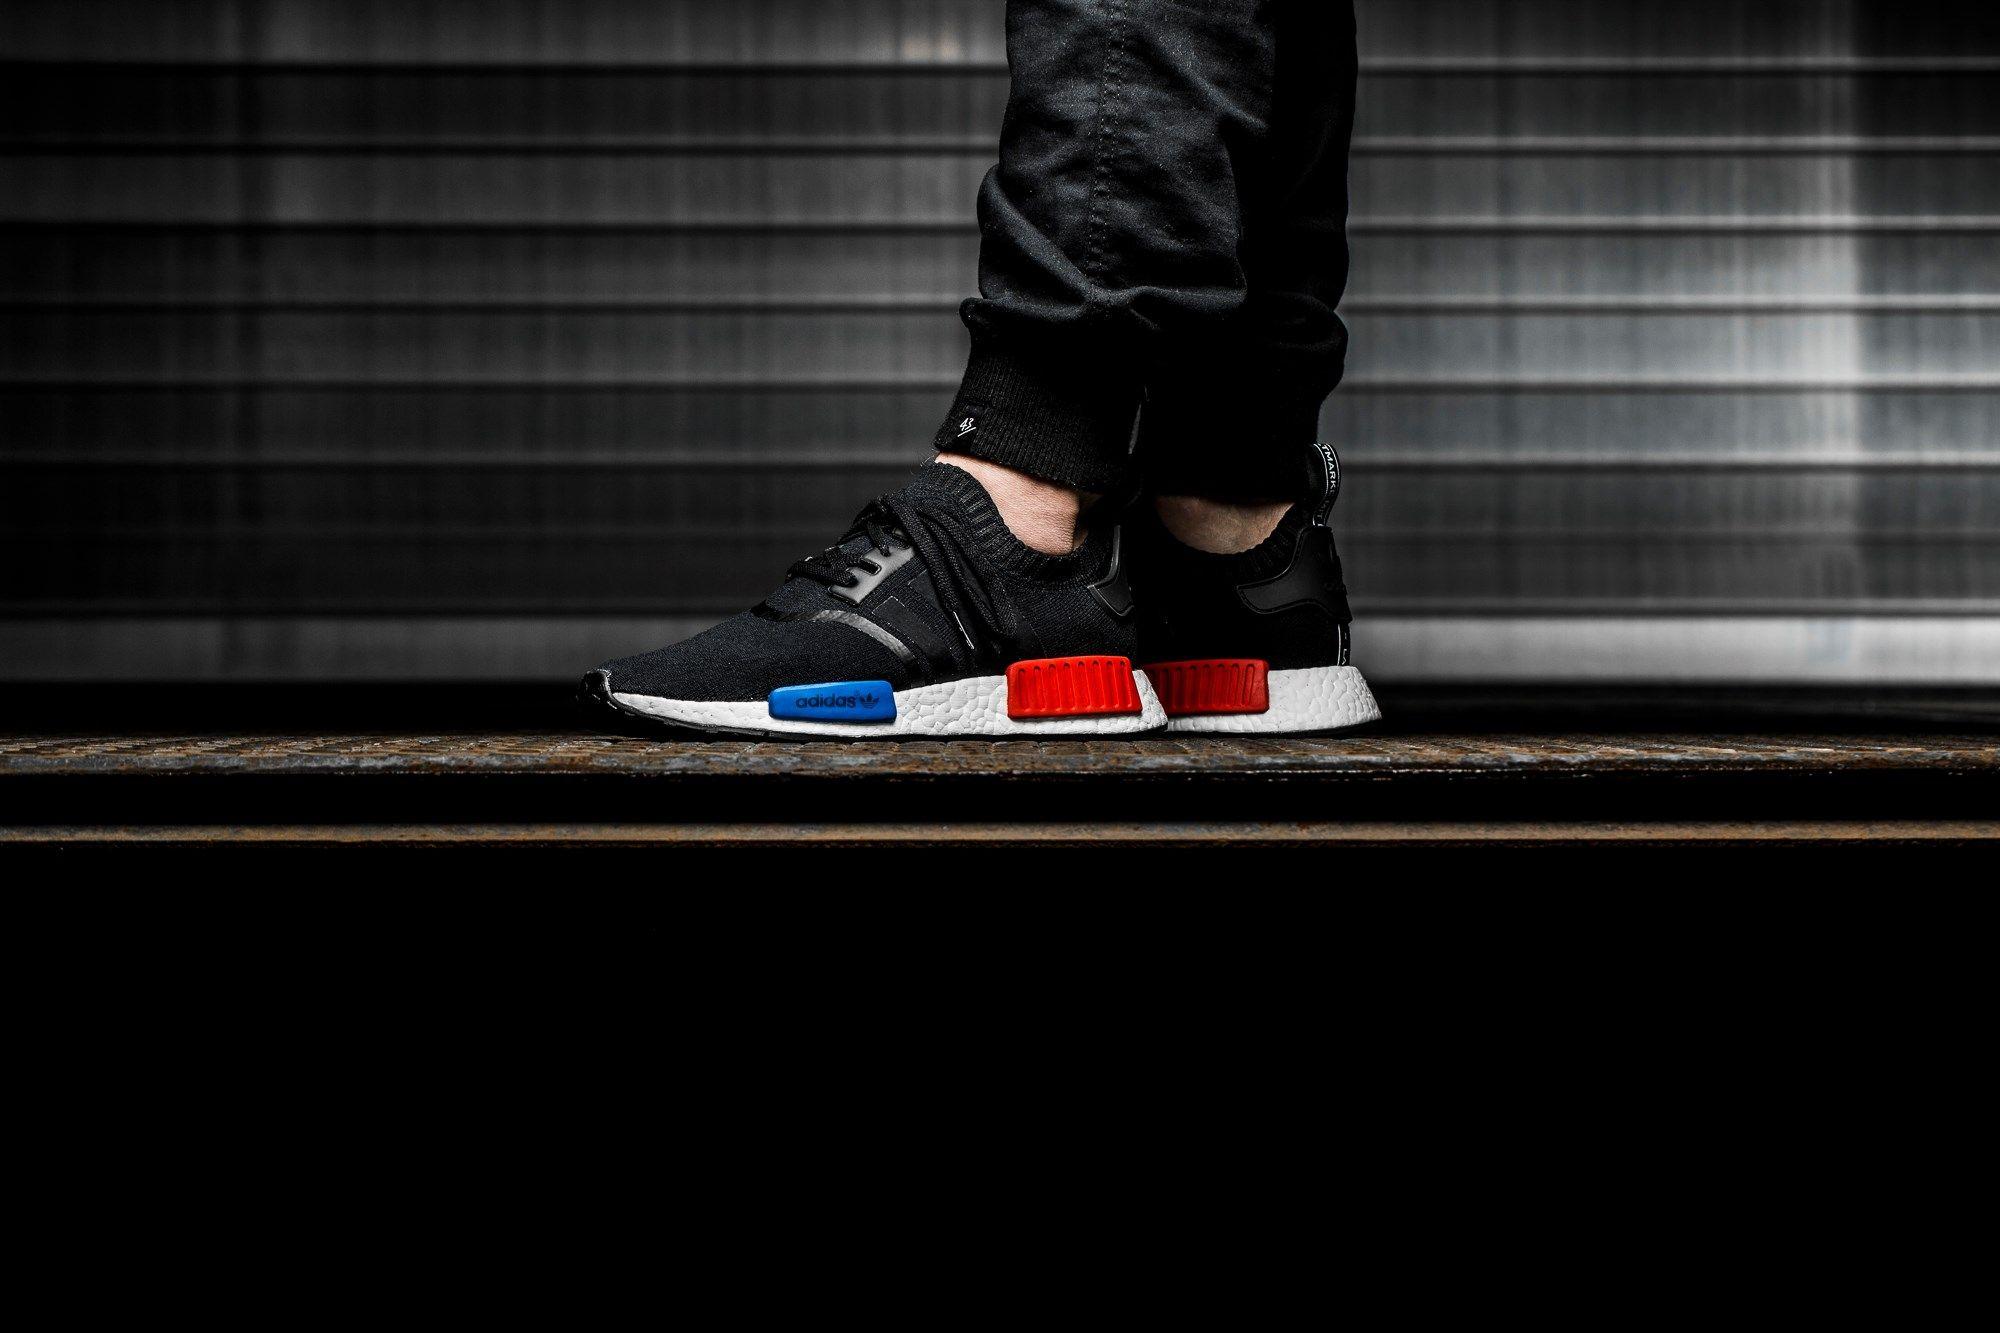 adidas nmd wallpaper